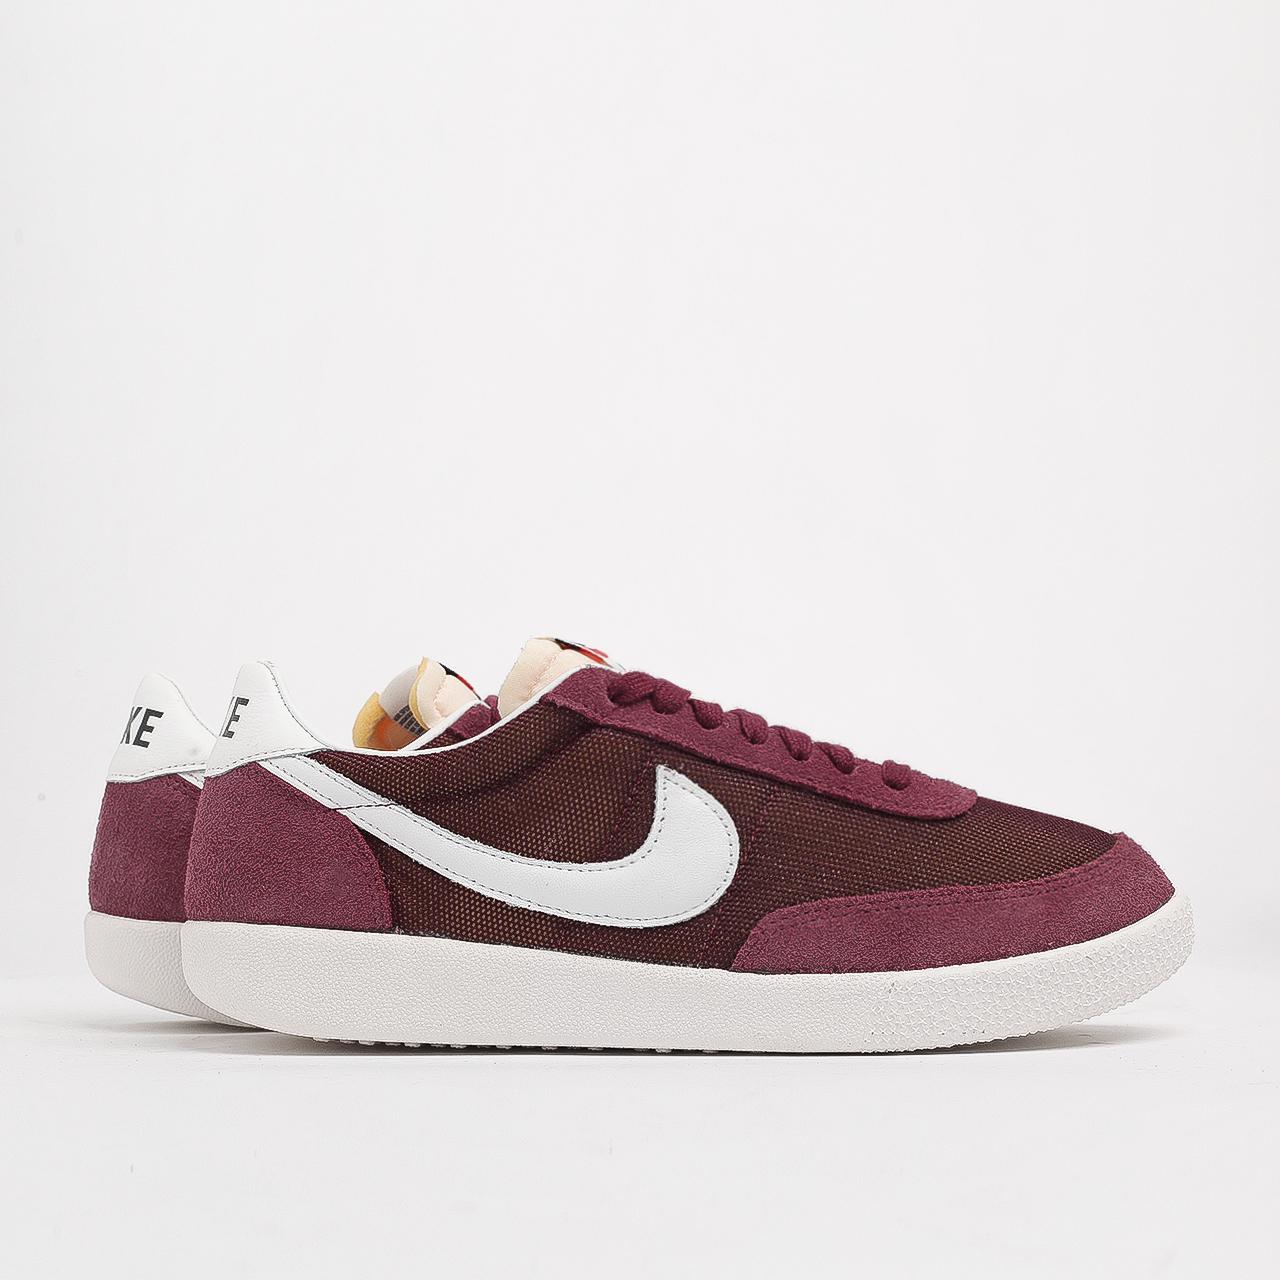 Купить бордовые мужские кроссовки Killshot SP от Nike (DC1982-600) по цене 6990 рублей